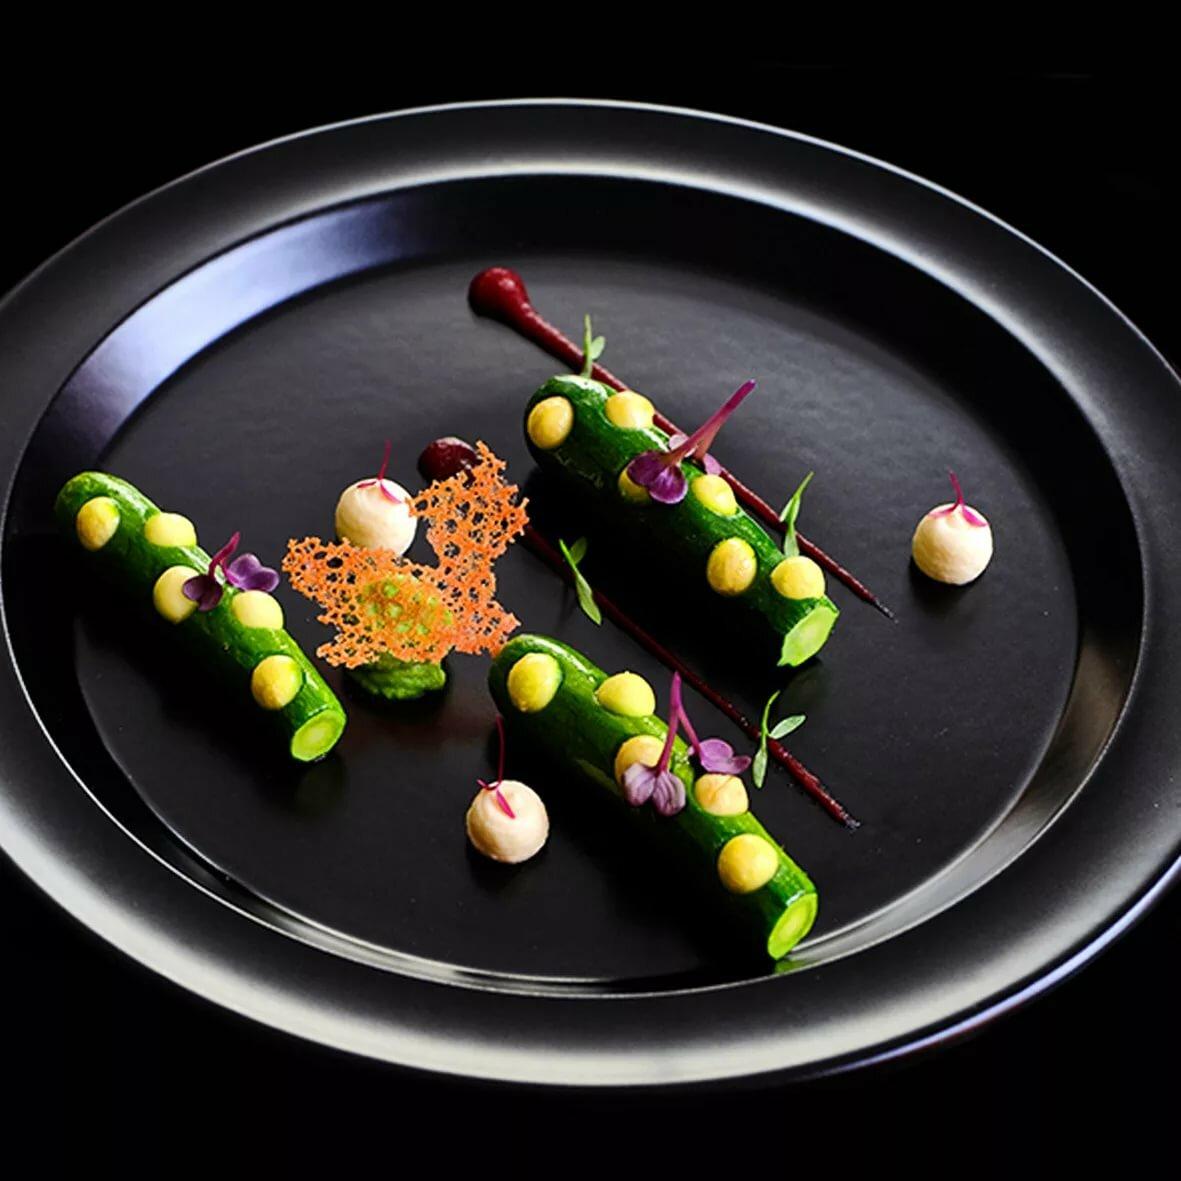 блюда молекулярной кухни рецепты с фото обои цветы